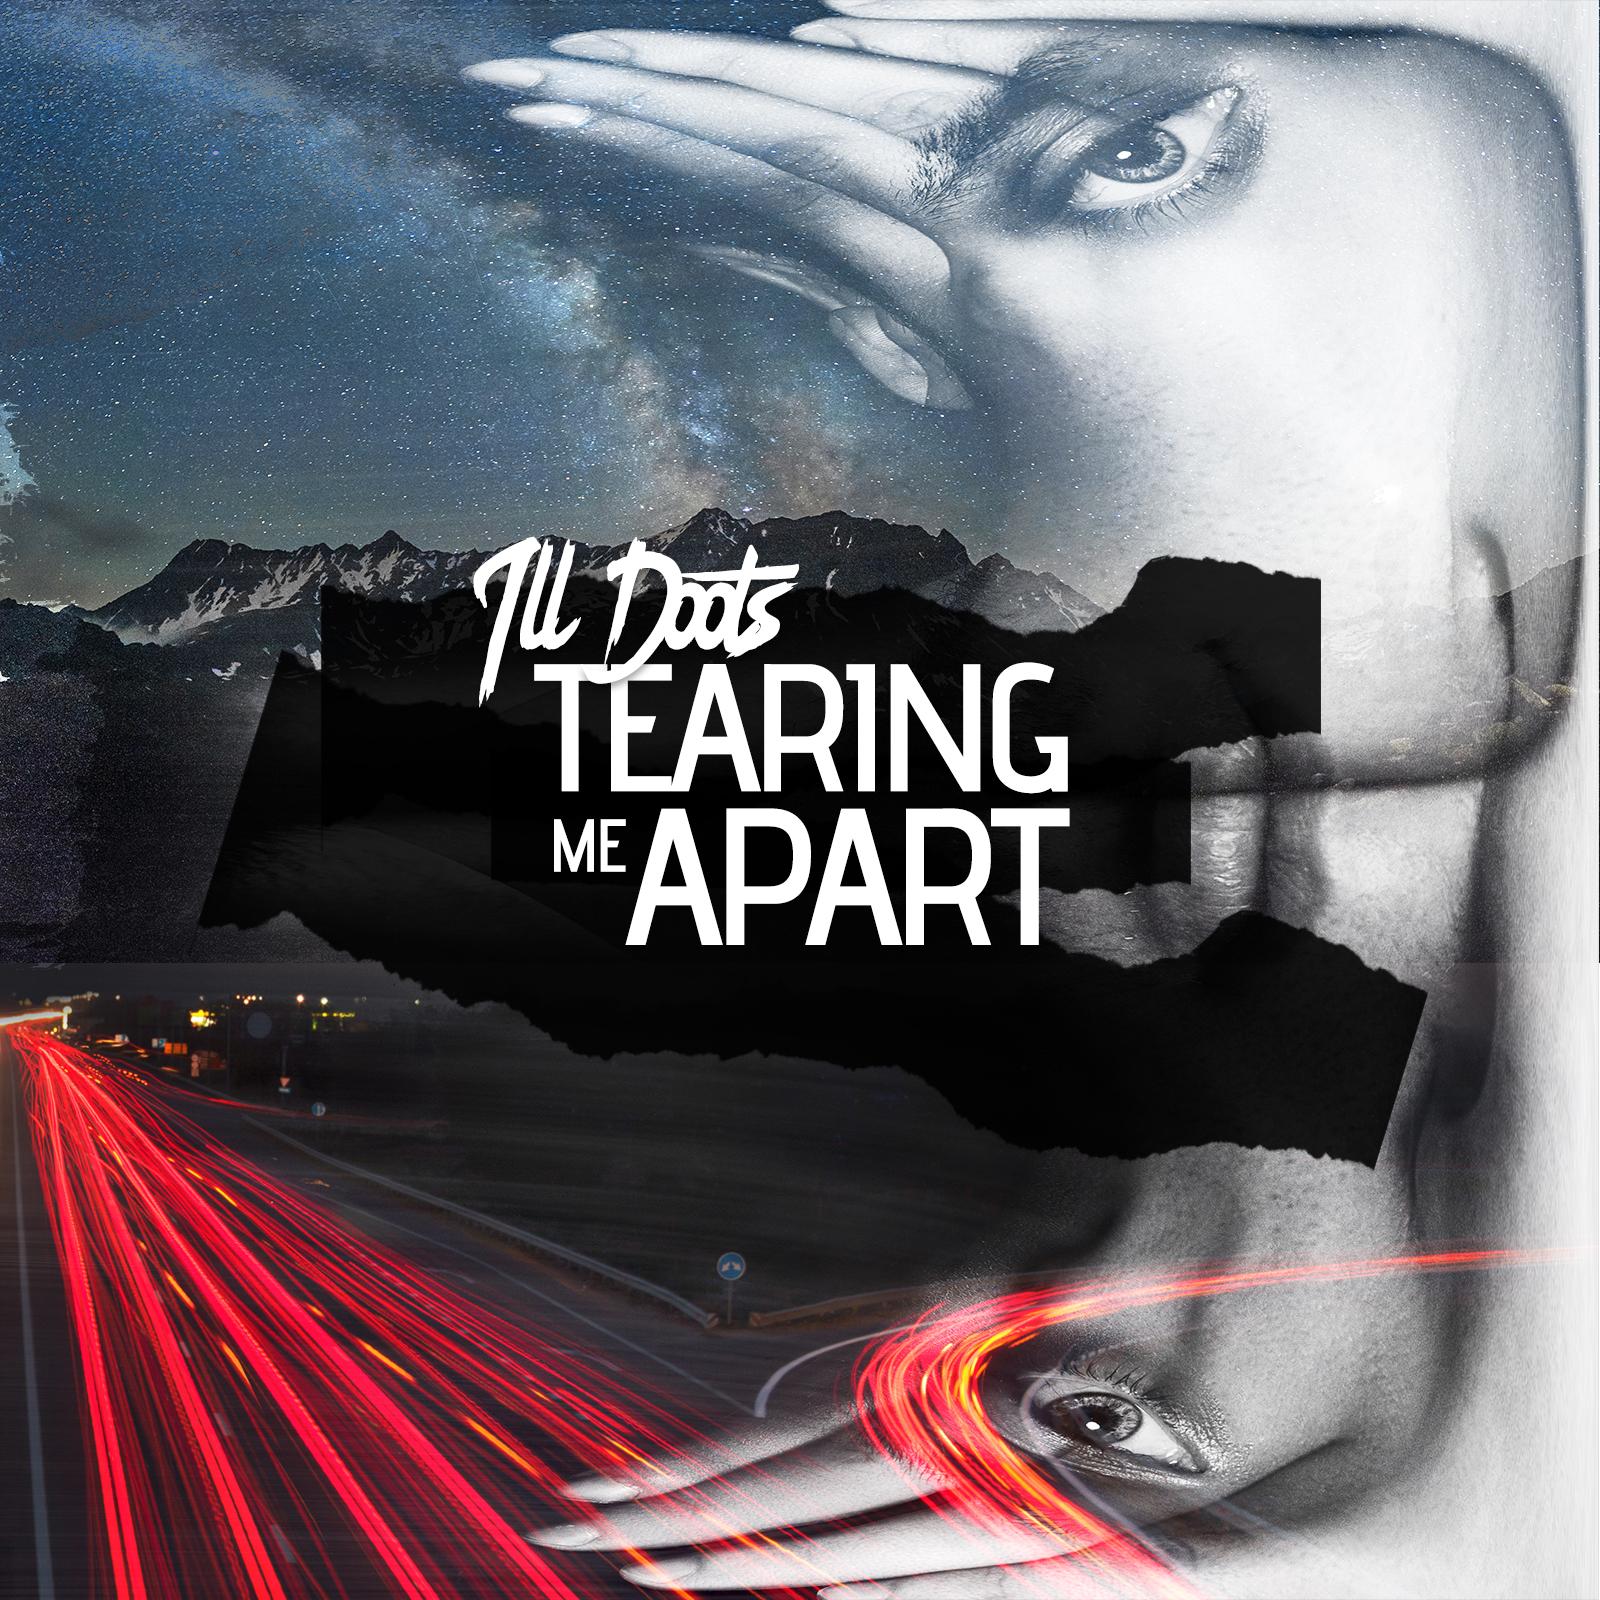 TearingApart_IllDoots.jpg